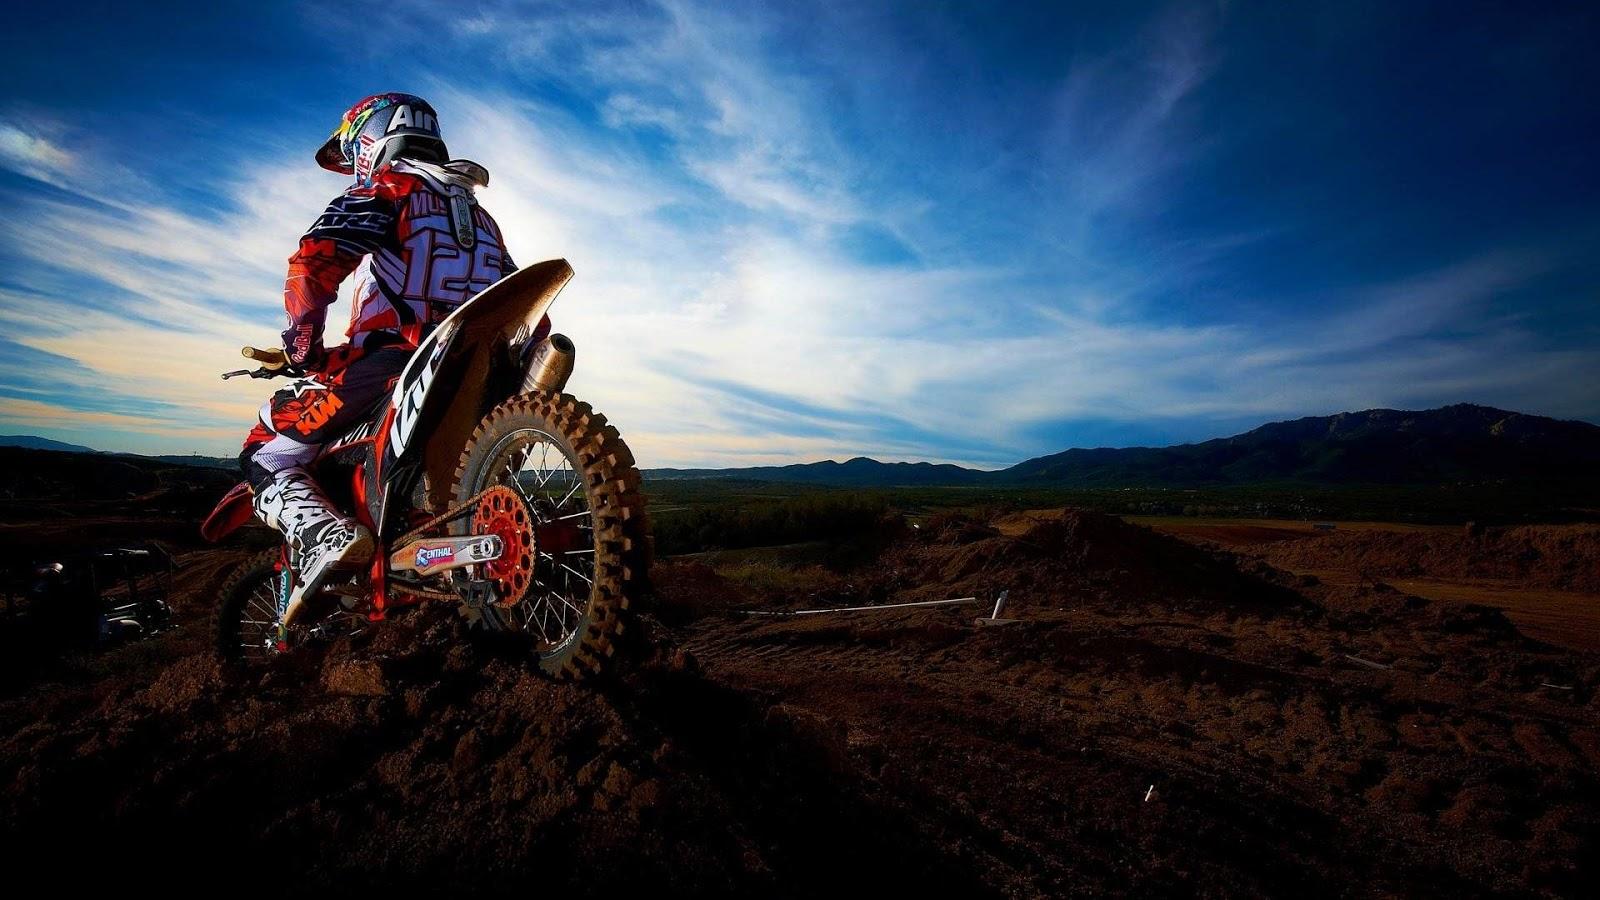 20 fonds dcran et wallpapers de moto La poigne dans langle 1600x900